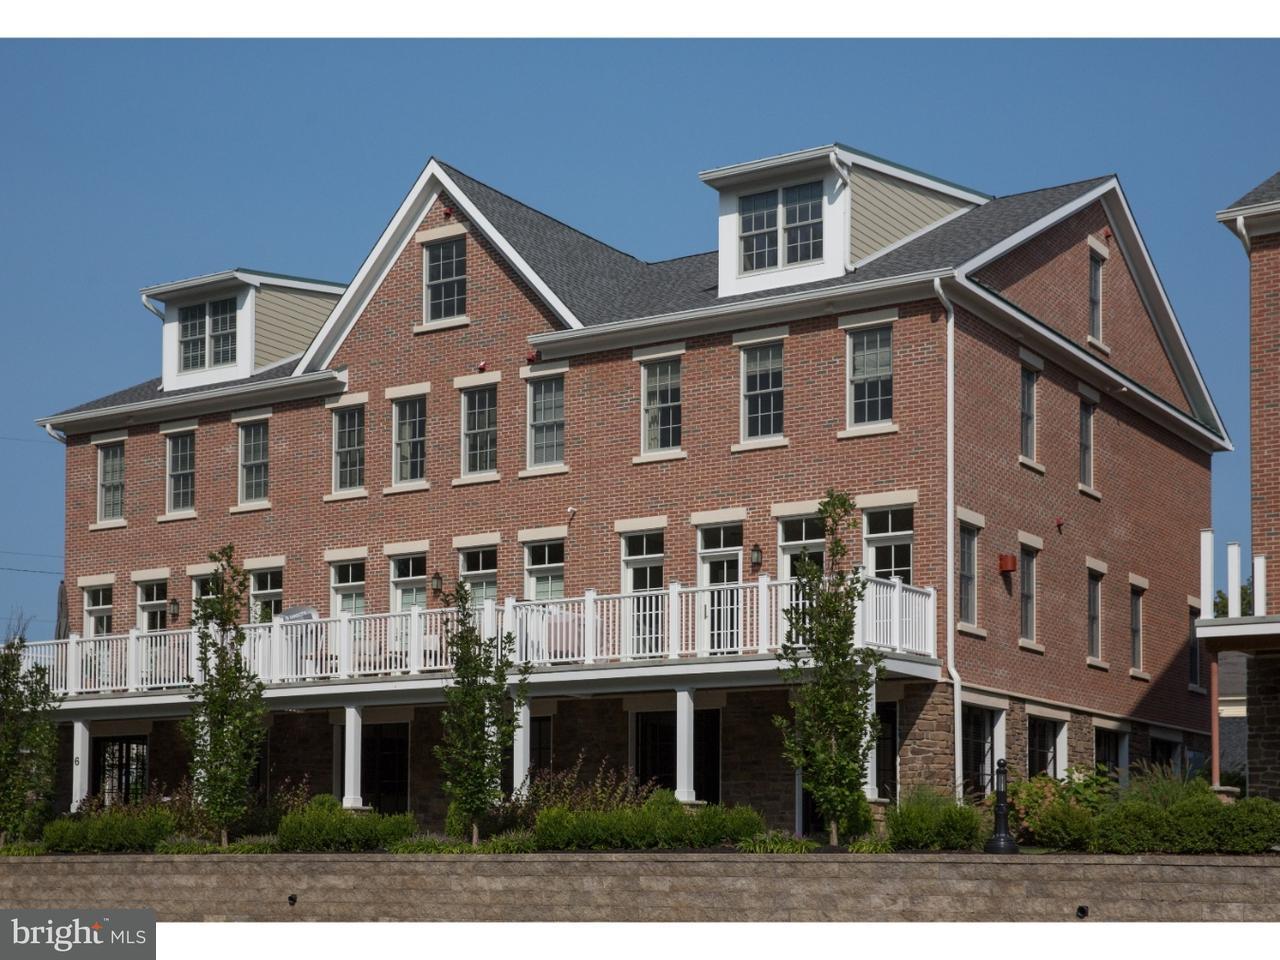 共管式独立产权公寓 为 销售 在 16 RIVER MILLS Drive 弗伦奇敦, 新泽西州 08825 美国在/周边: Frenchtown Borough